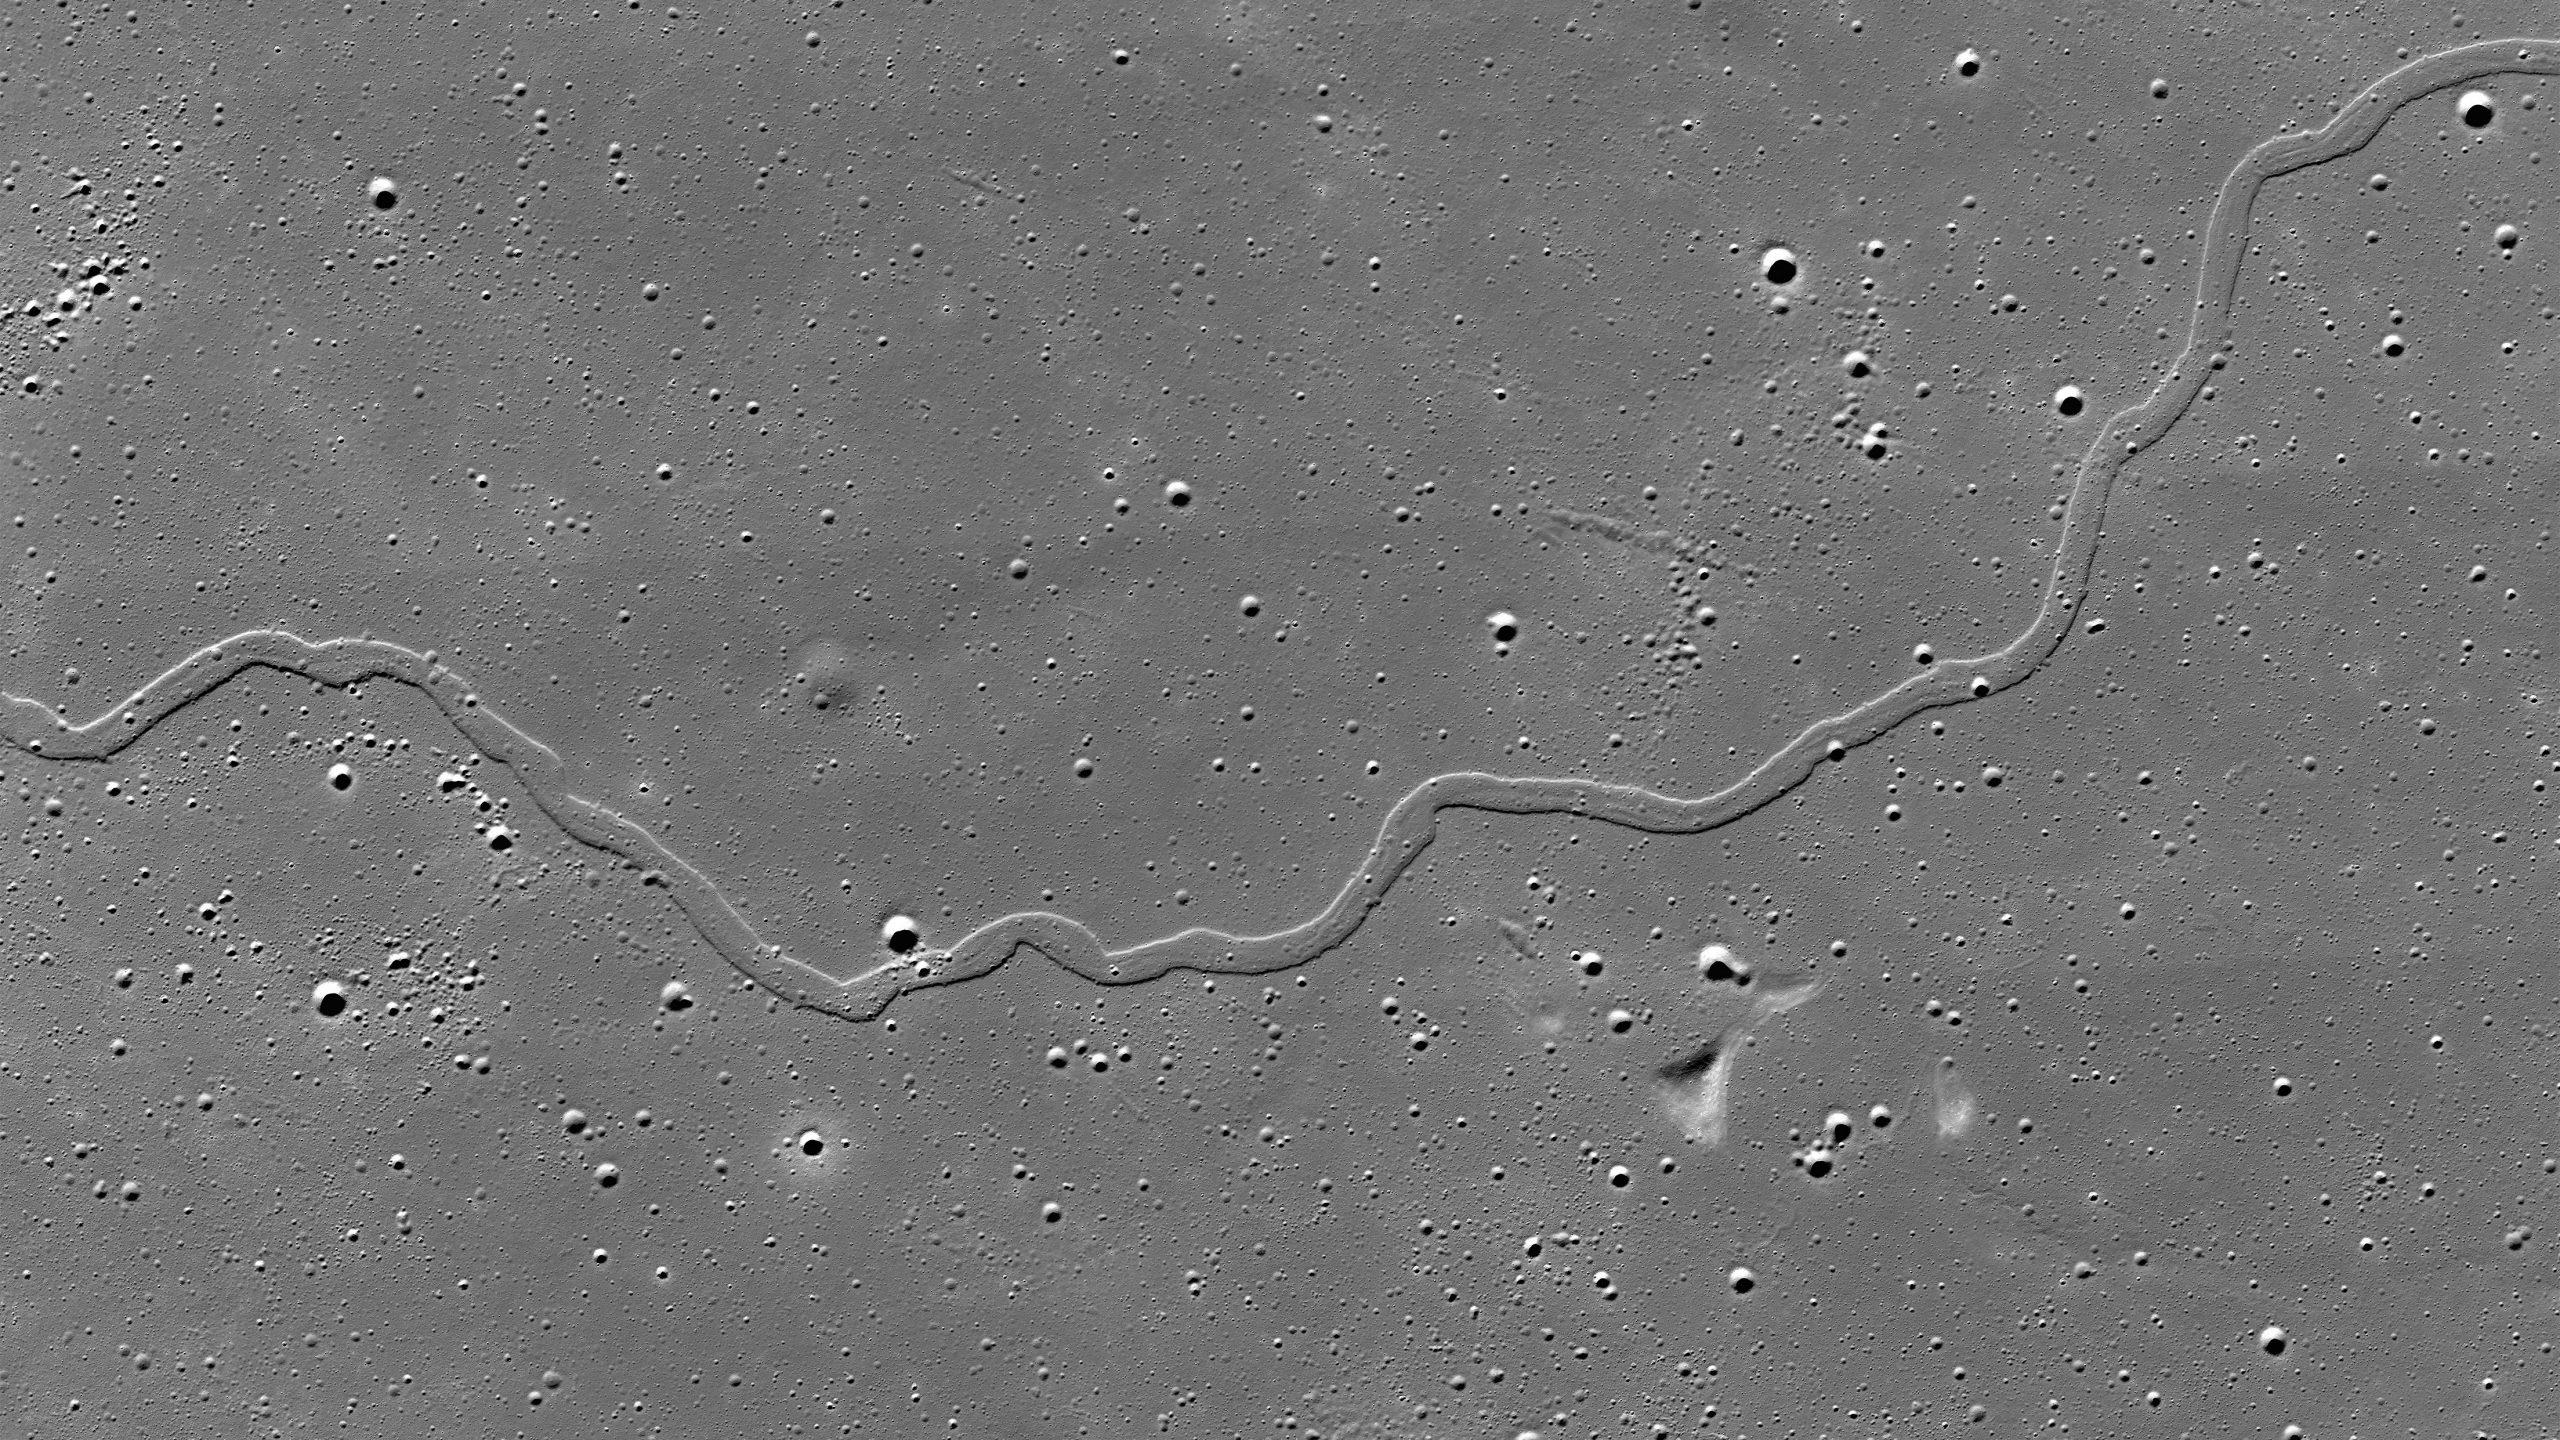 月の火山活動はもっと活発だった? 嫦娥5号のサンプルで明らかに